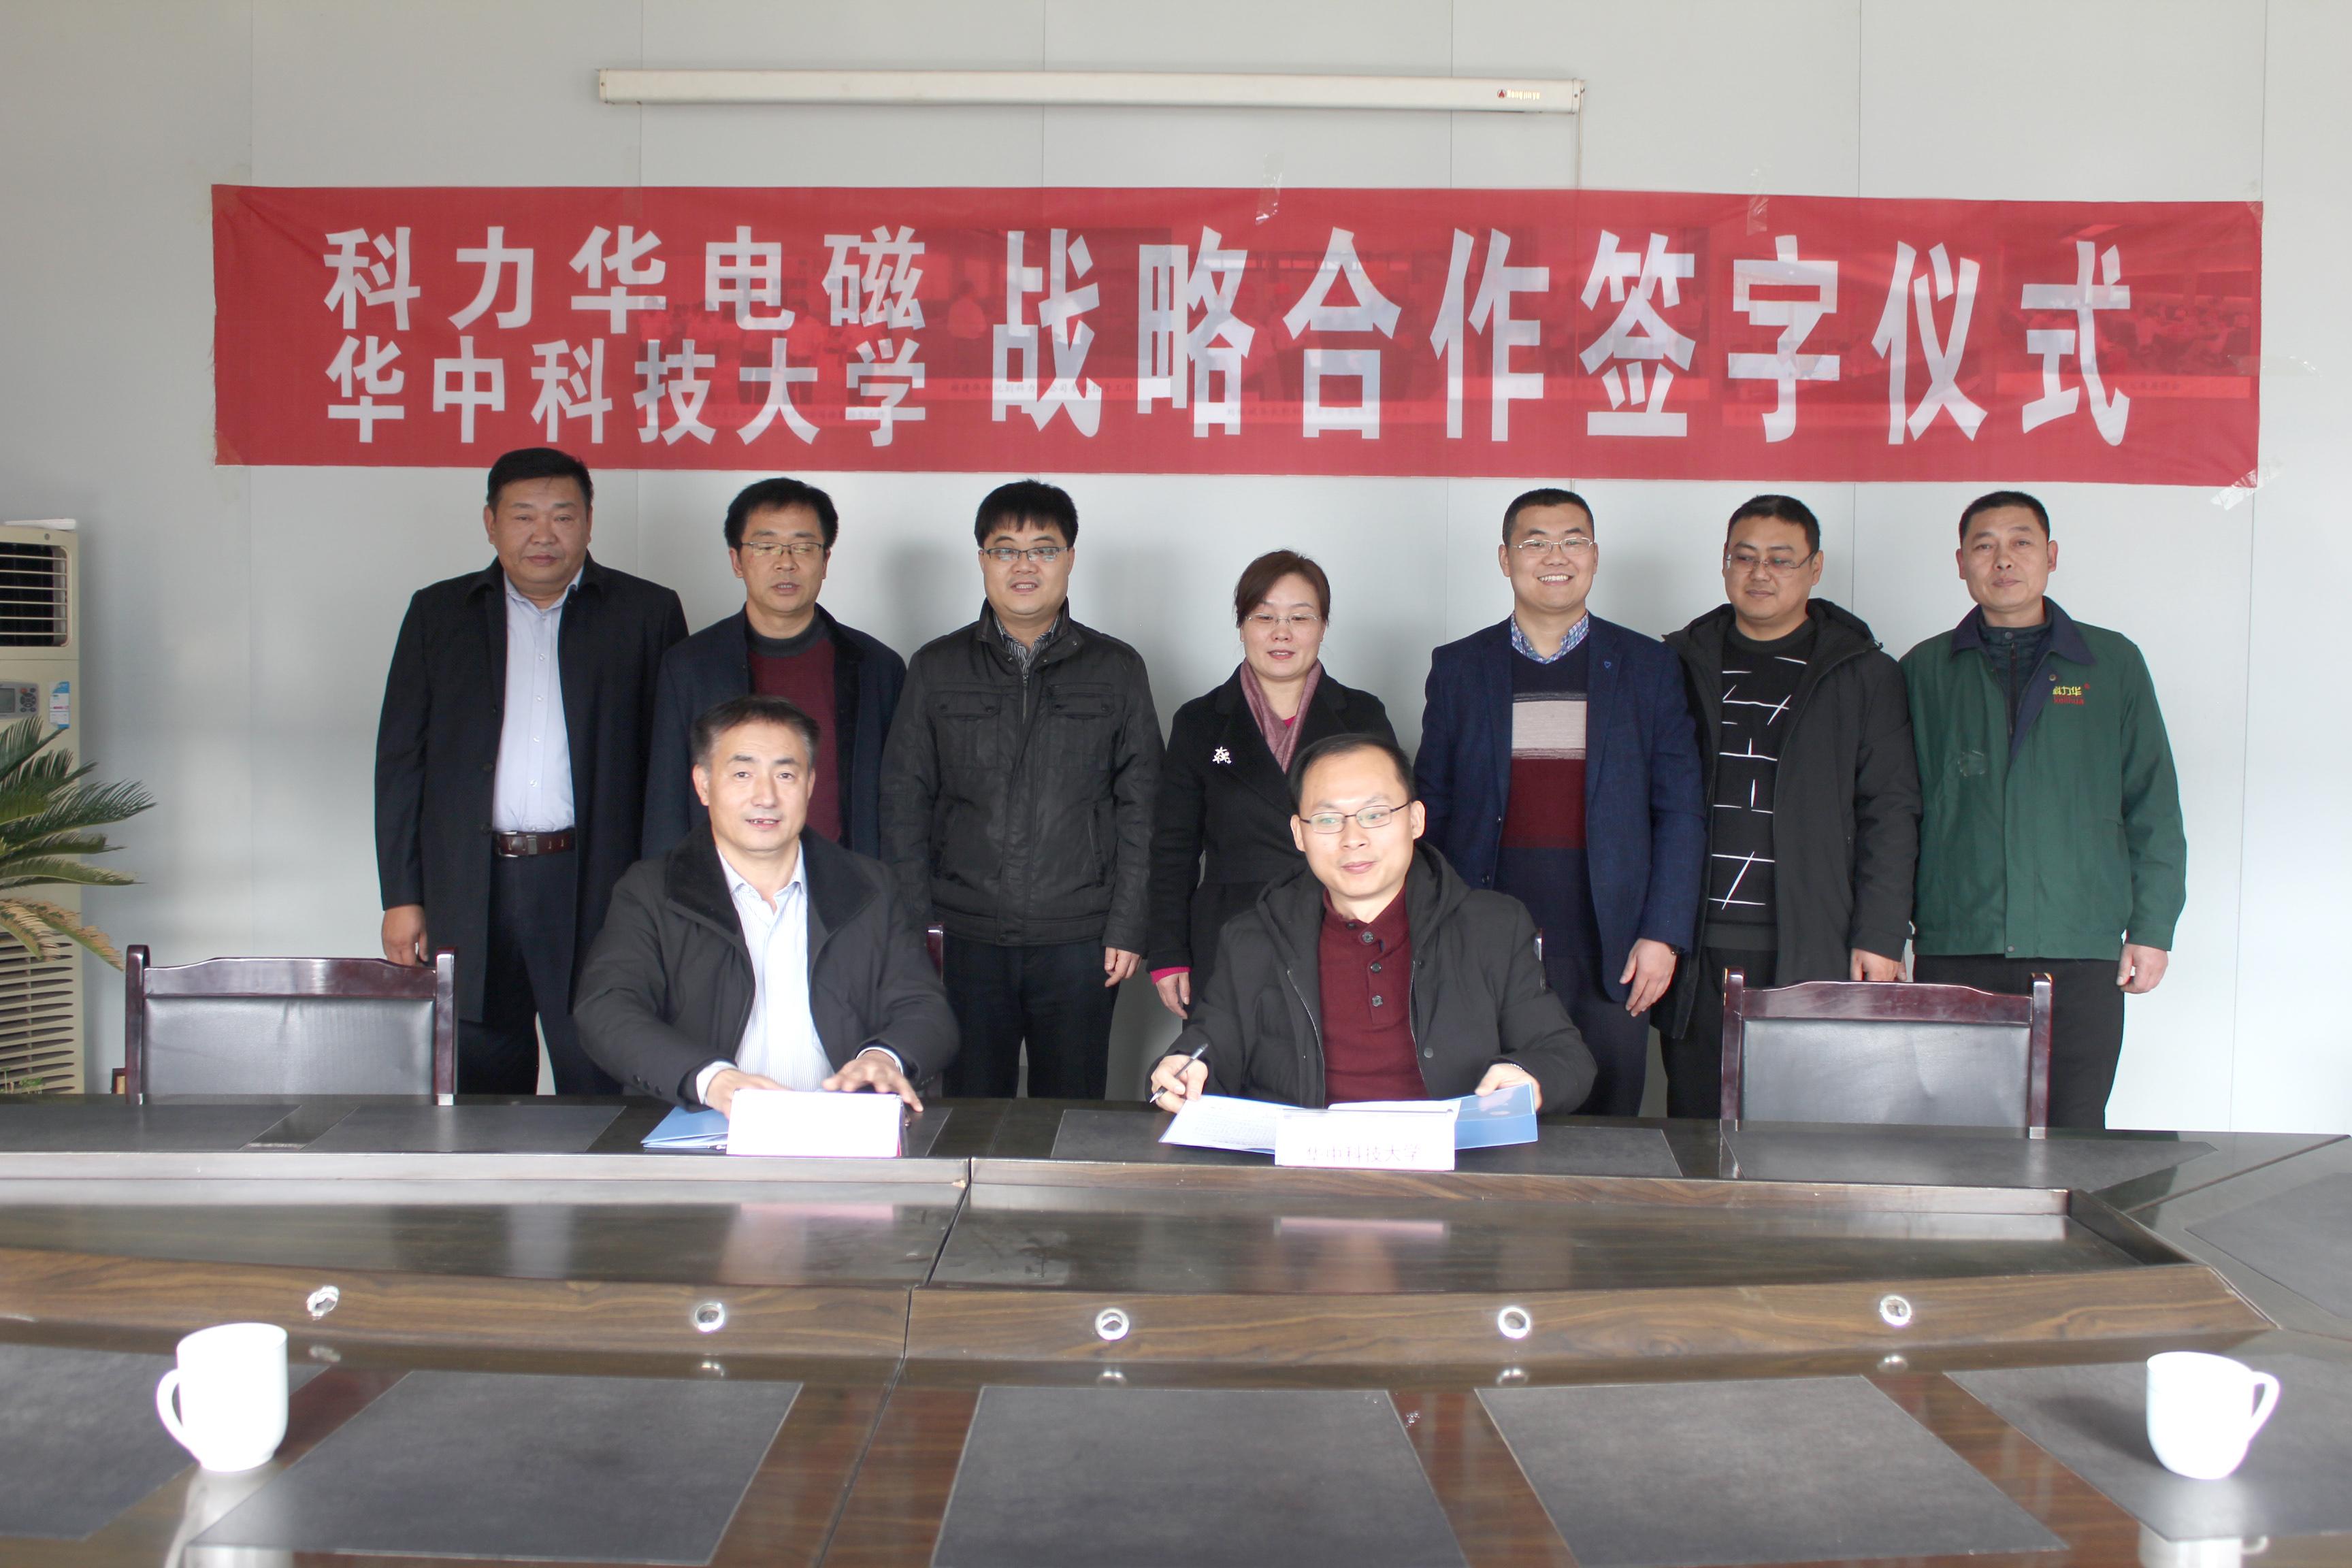 名校高才访公司 名企政要助合作 --科力华电磁与华中科技大学战略合作